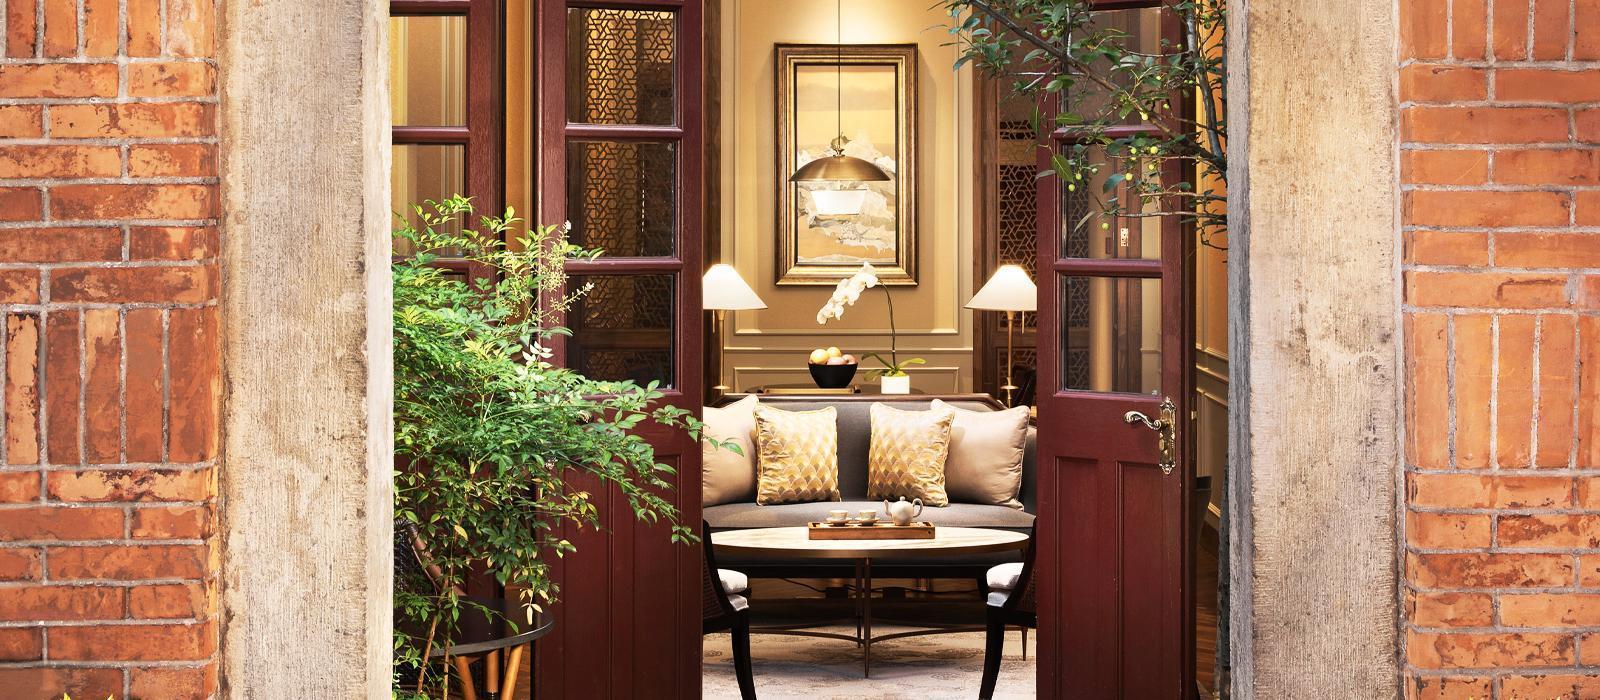 上海建业里嘉佩乐酒店(Capella Shanghai Jian Ye Li)【 上海,中国】 酒店  www.lhw.cn